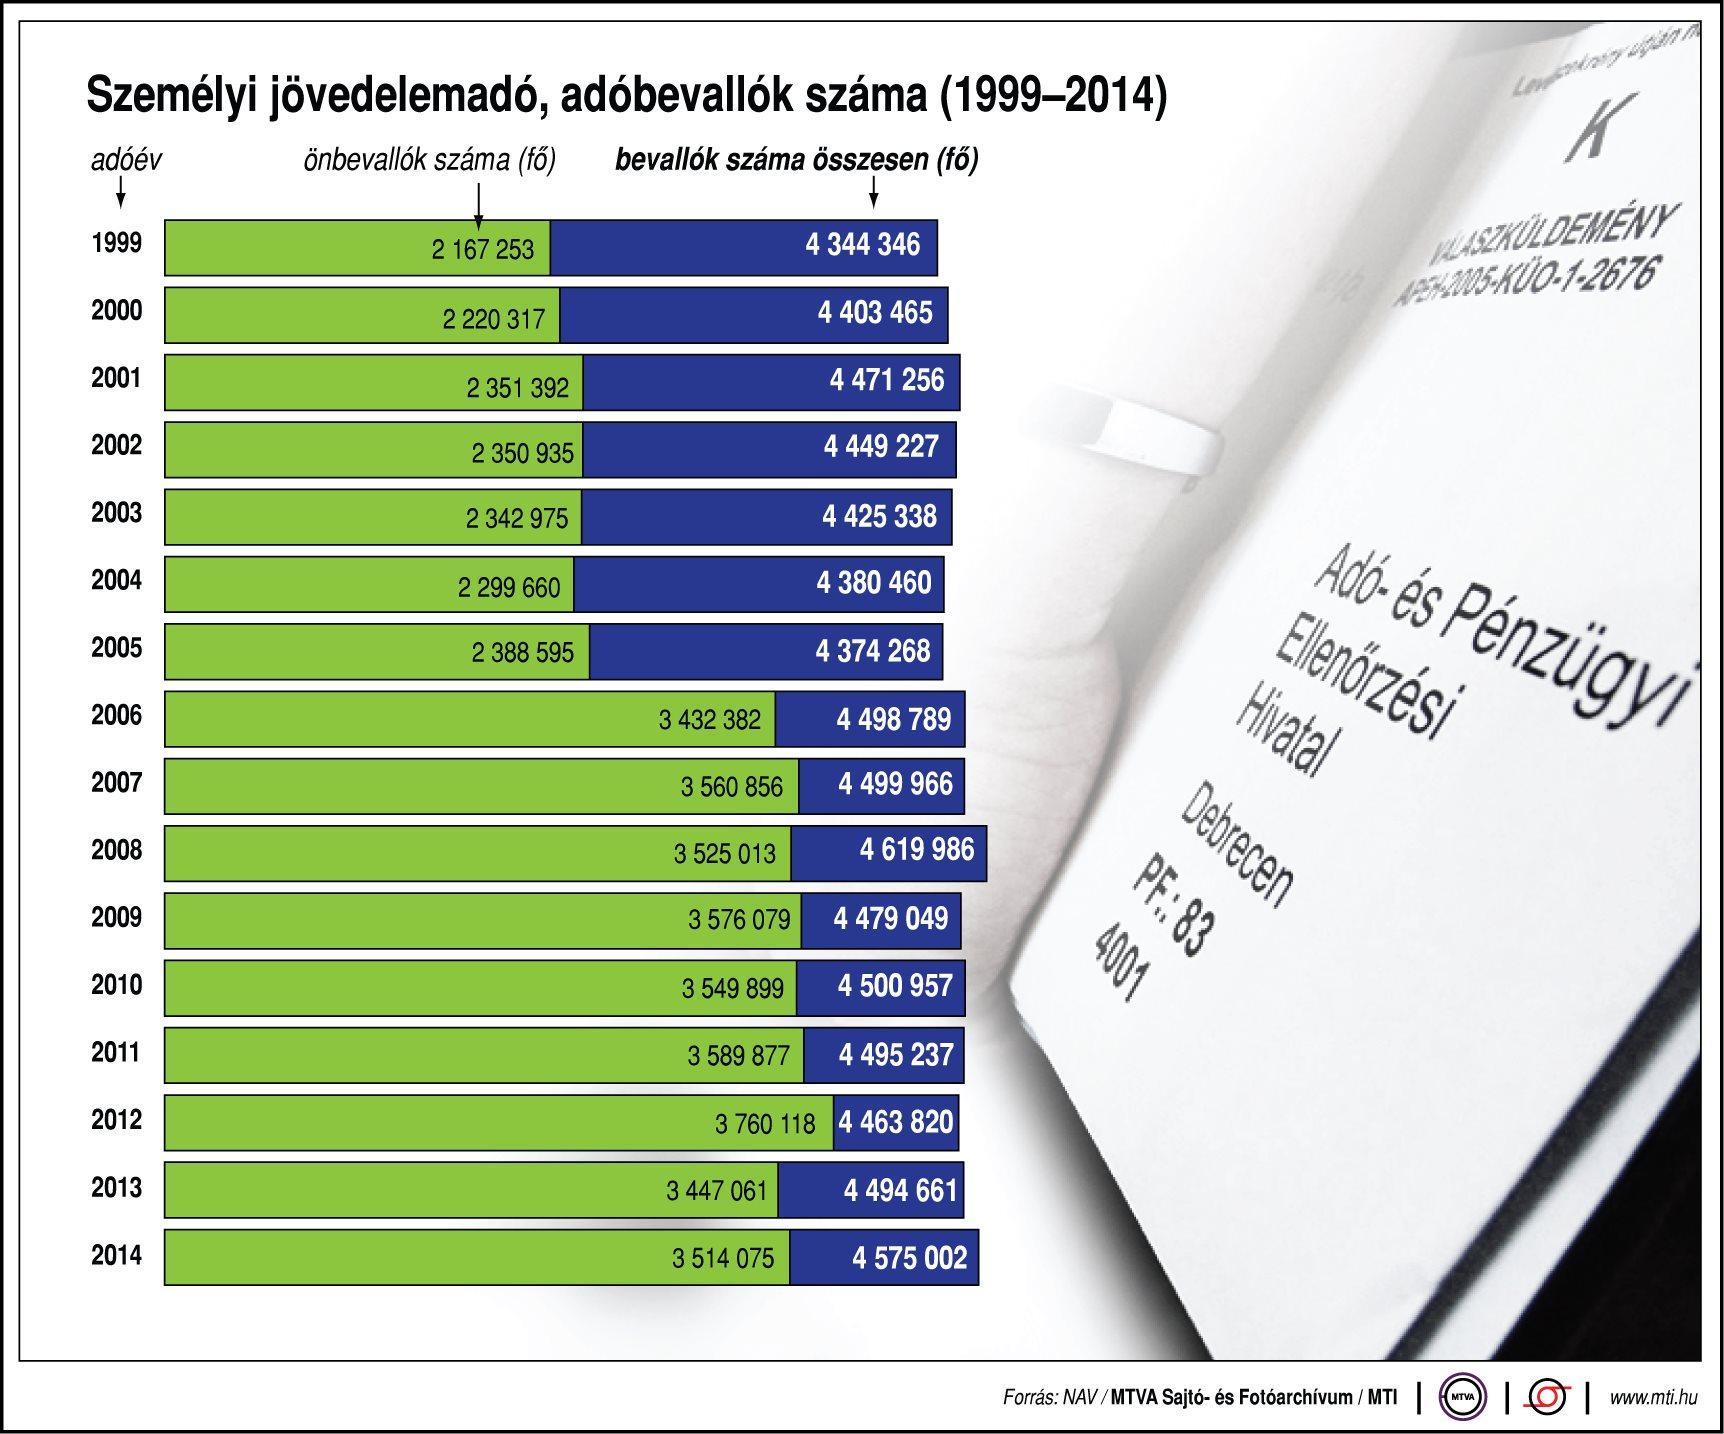 Személyi jövedelemadó, adóbevallók száma - egy ábrán